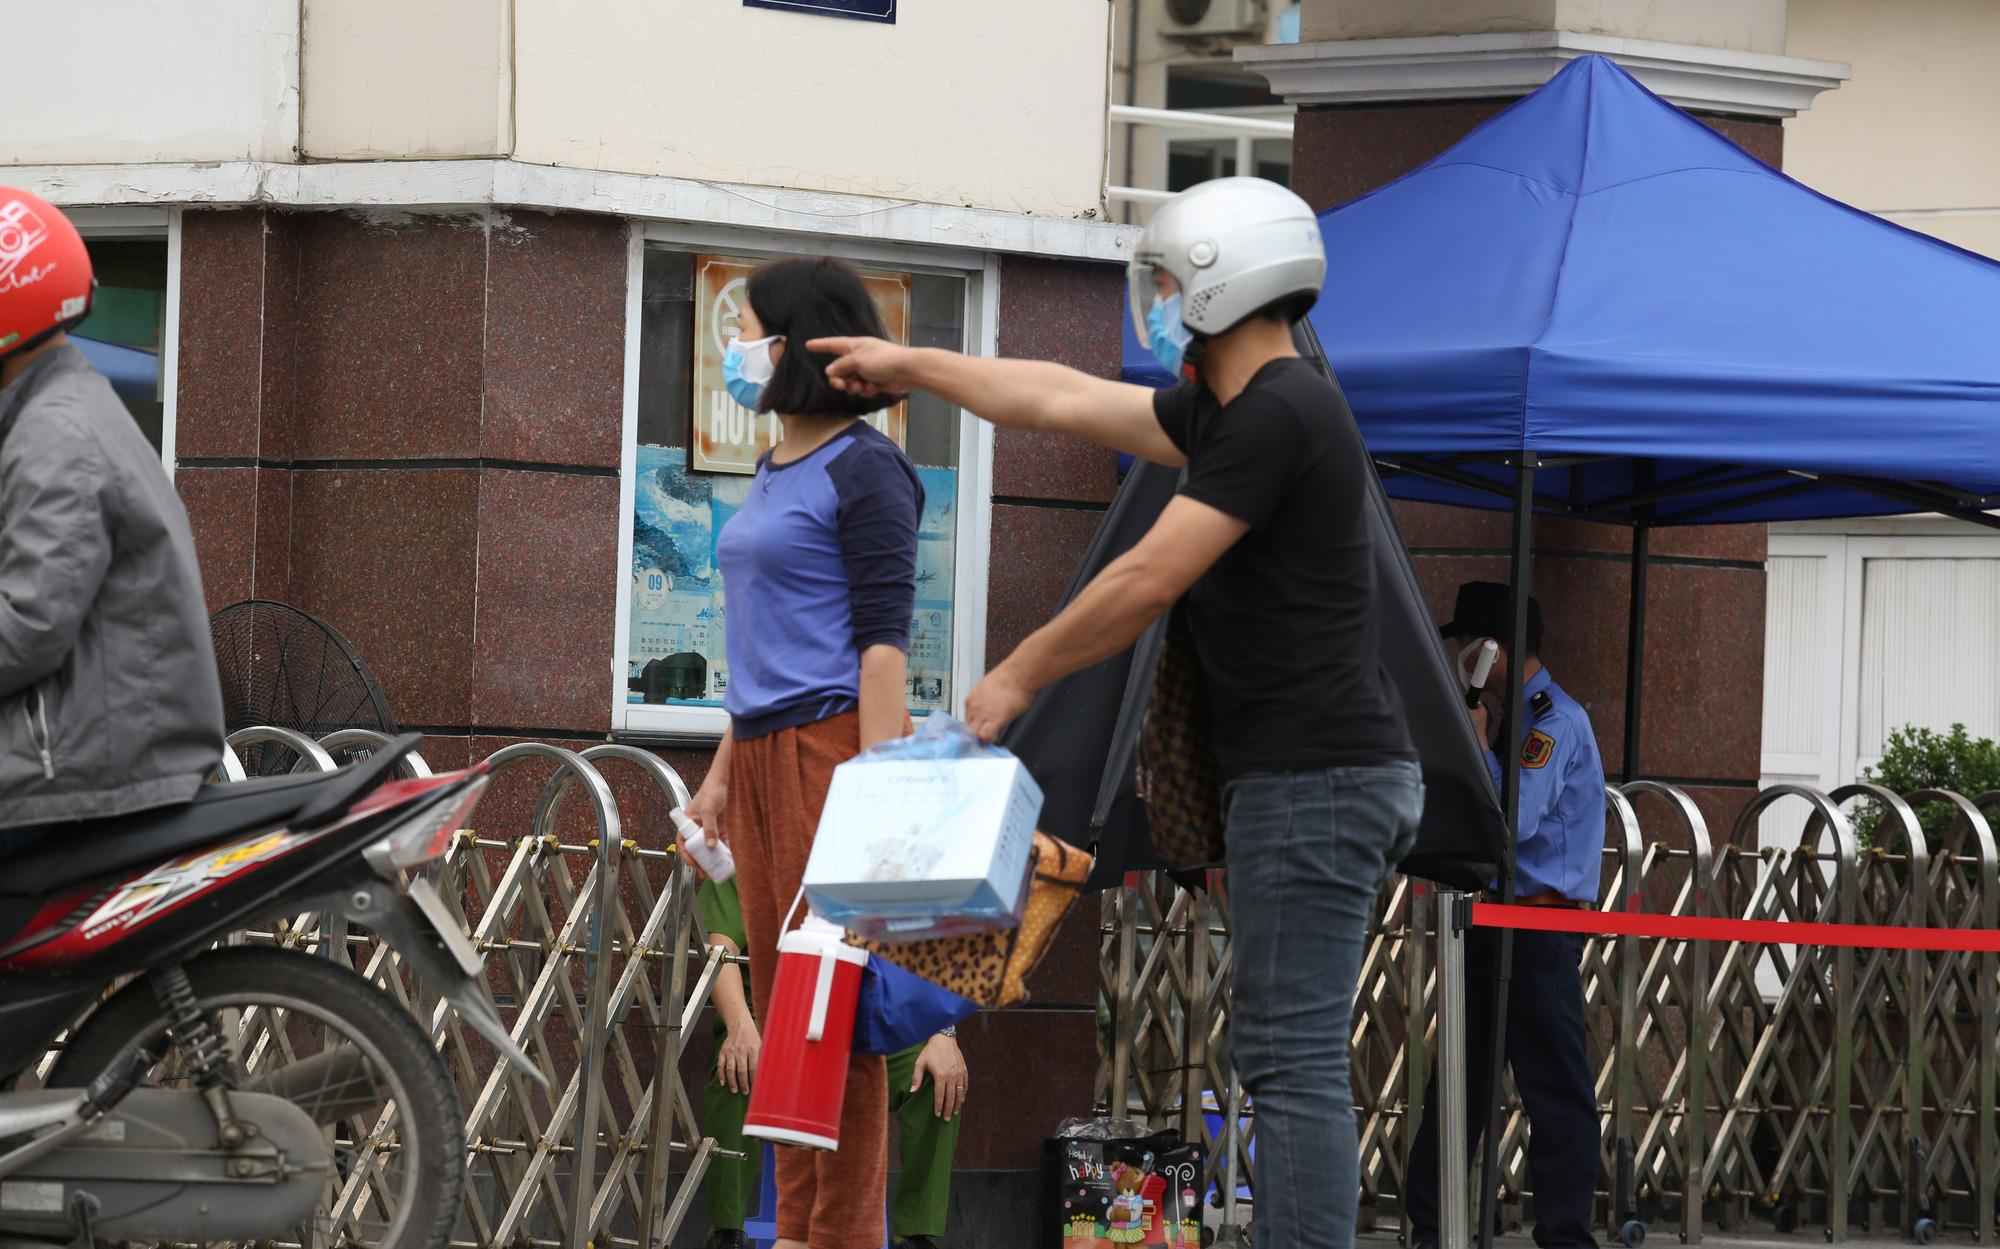 Chùm ảnh: Người dân mang đồ ăn tiếp tế cho thân nhân trong BV Bạch Mai, tuy nhiên được yêu cầu đem về để đảm bảo an toàn